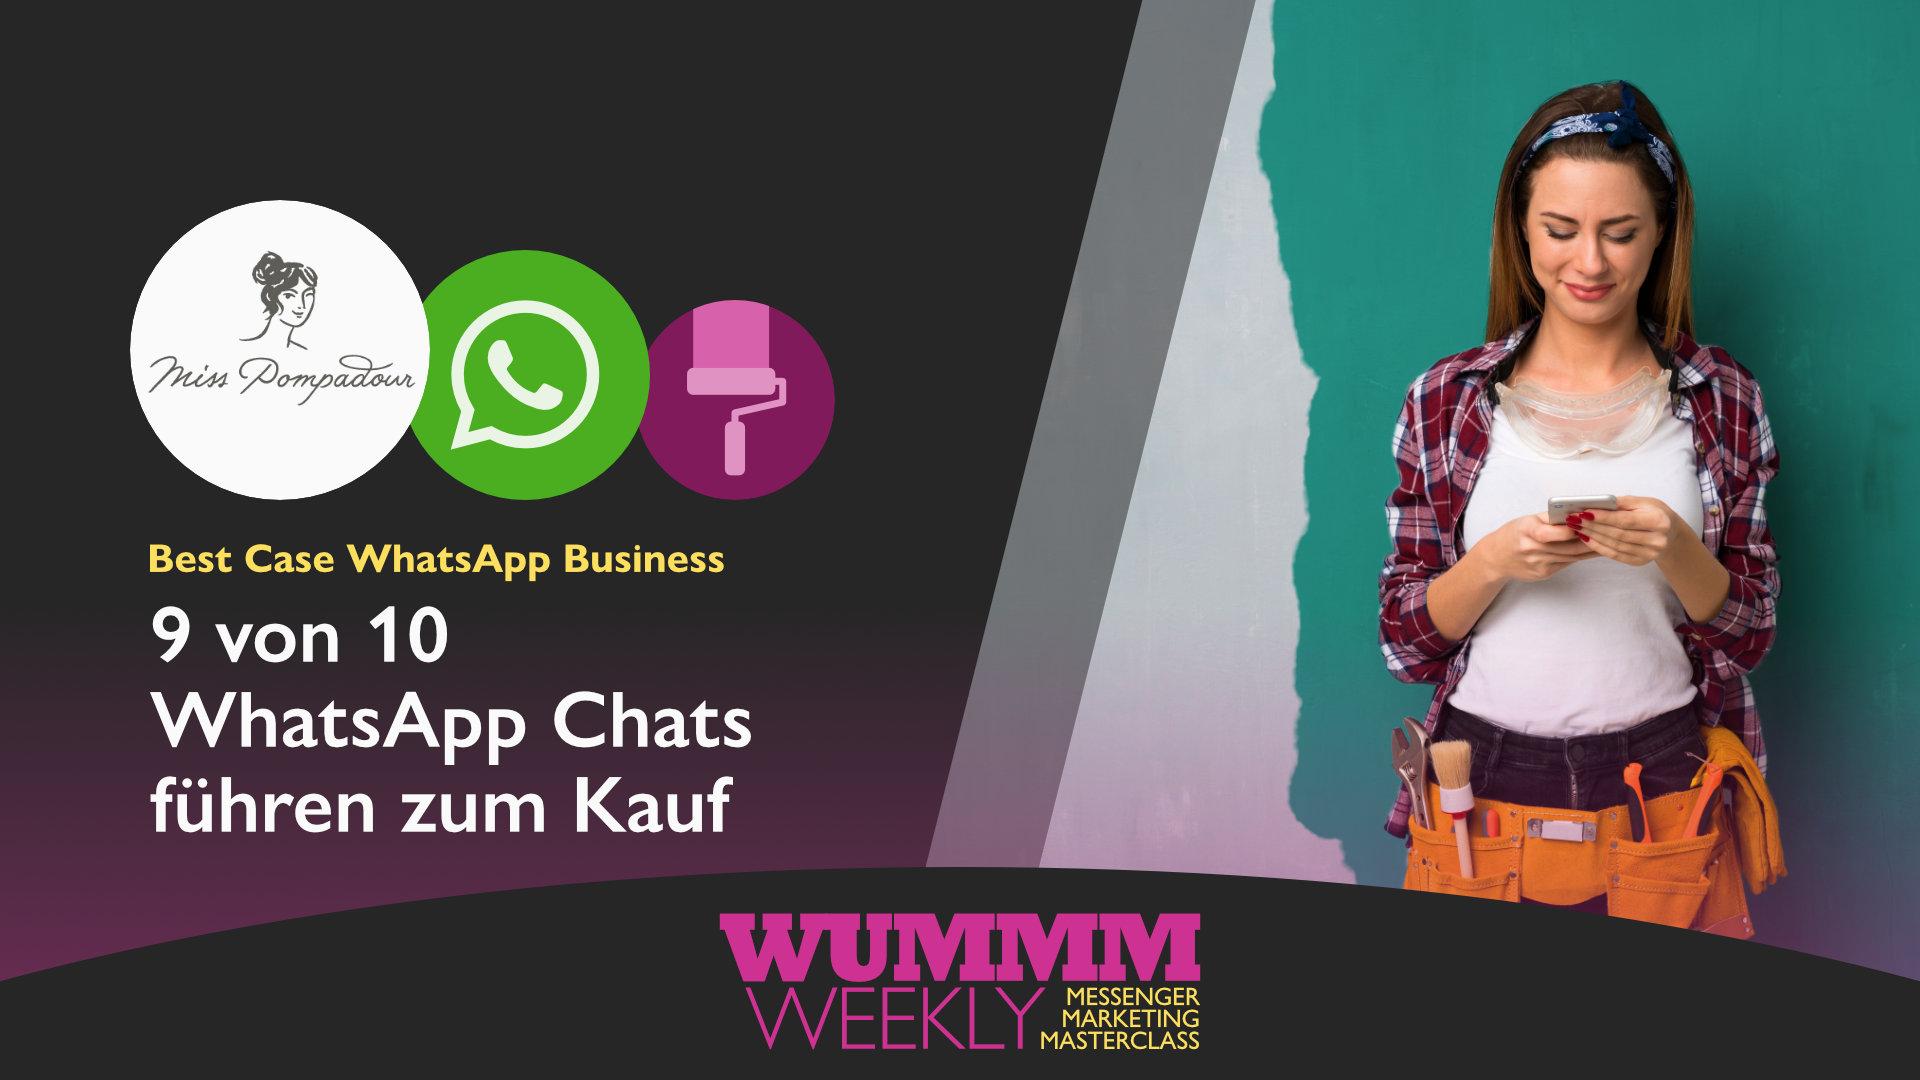 Wummm-weekly, Logo MissPompadour. Logo Whatspp, Best Case WhatsApp Business